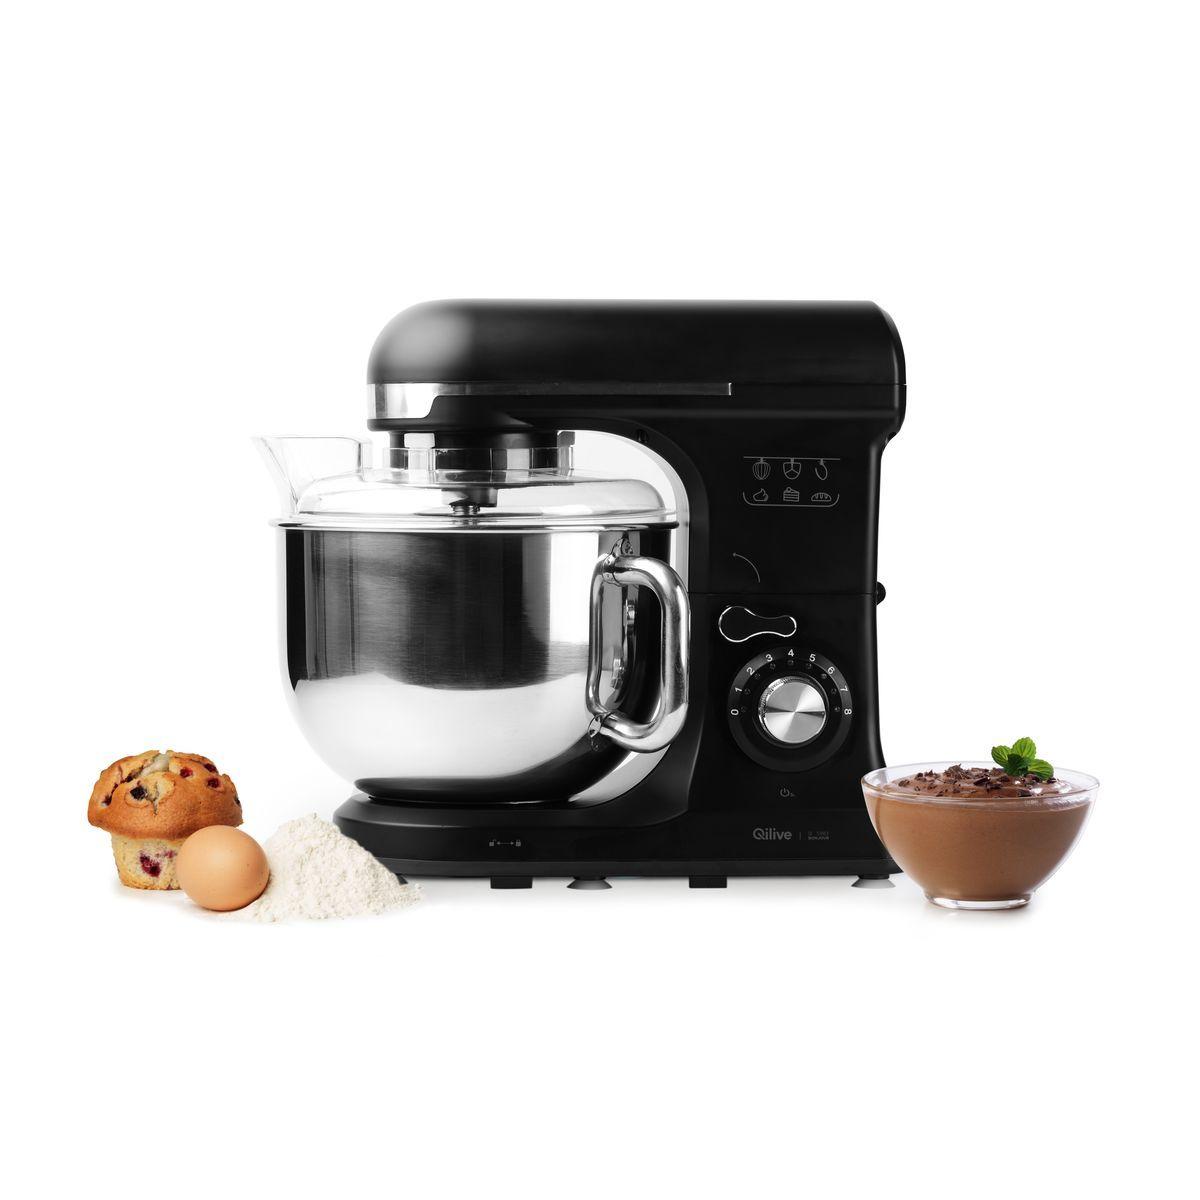 Robot cuisine 600080879 - Noir